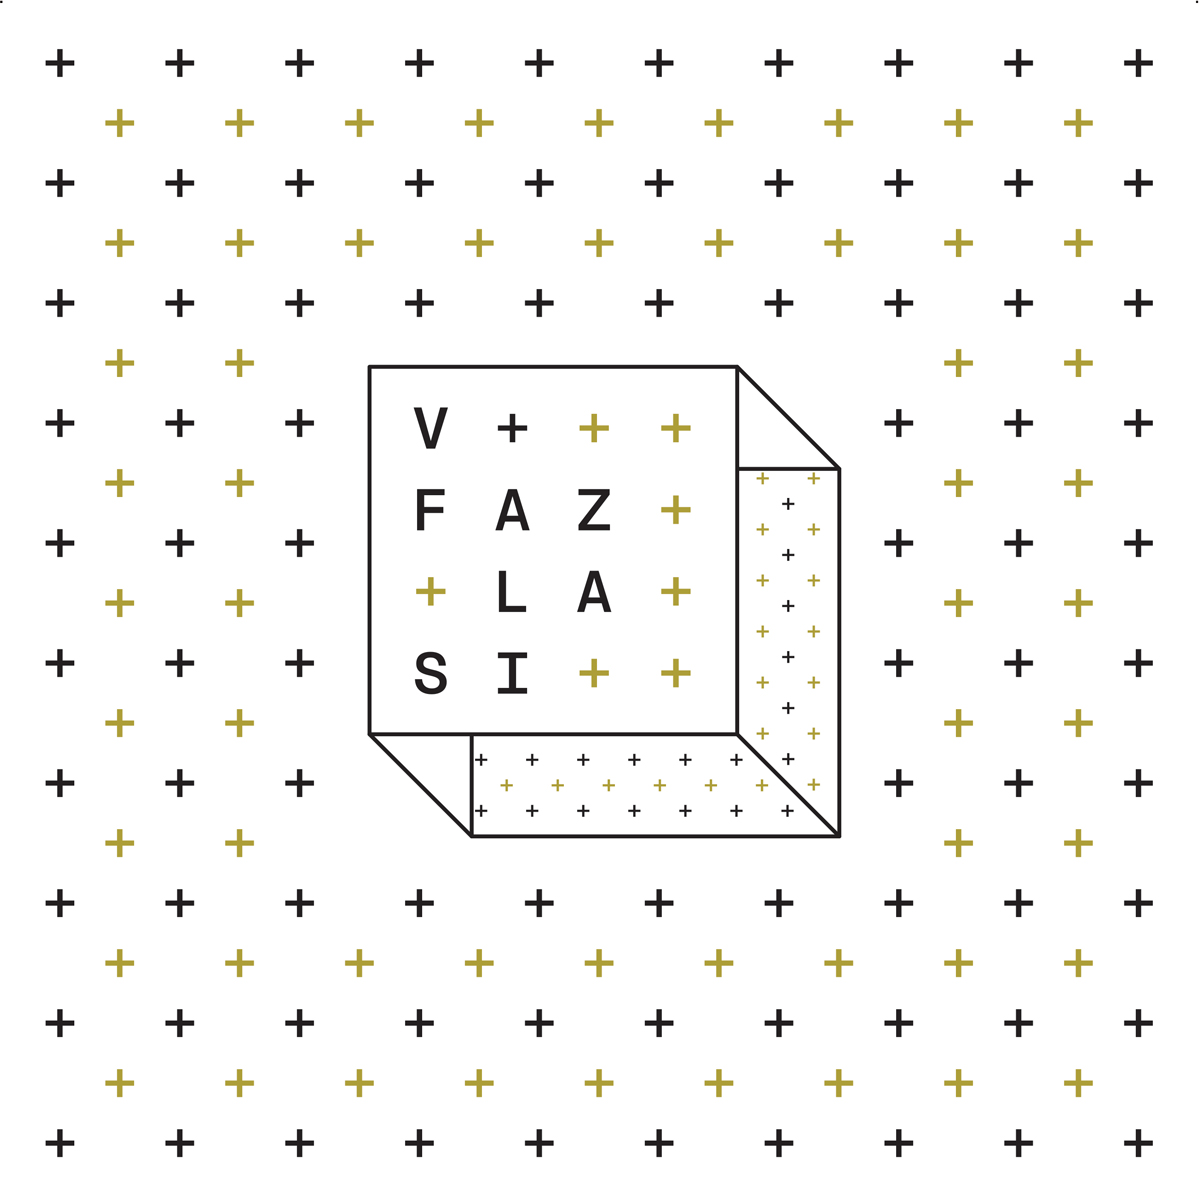 VFazlası - VitrA'nın marka kimliğinin parçaları olan tasarım, inovasyon ve sürdürülebilirlik temaları etrafında, farklı mesleklerden 10 konuşmacının kısa sunumlarından oluşan etkinlik dizisi ve konuya uygun ürünlerin yer aldığı katalog.Proje Detayları